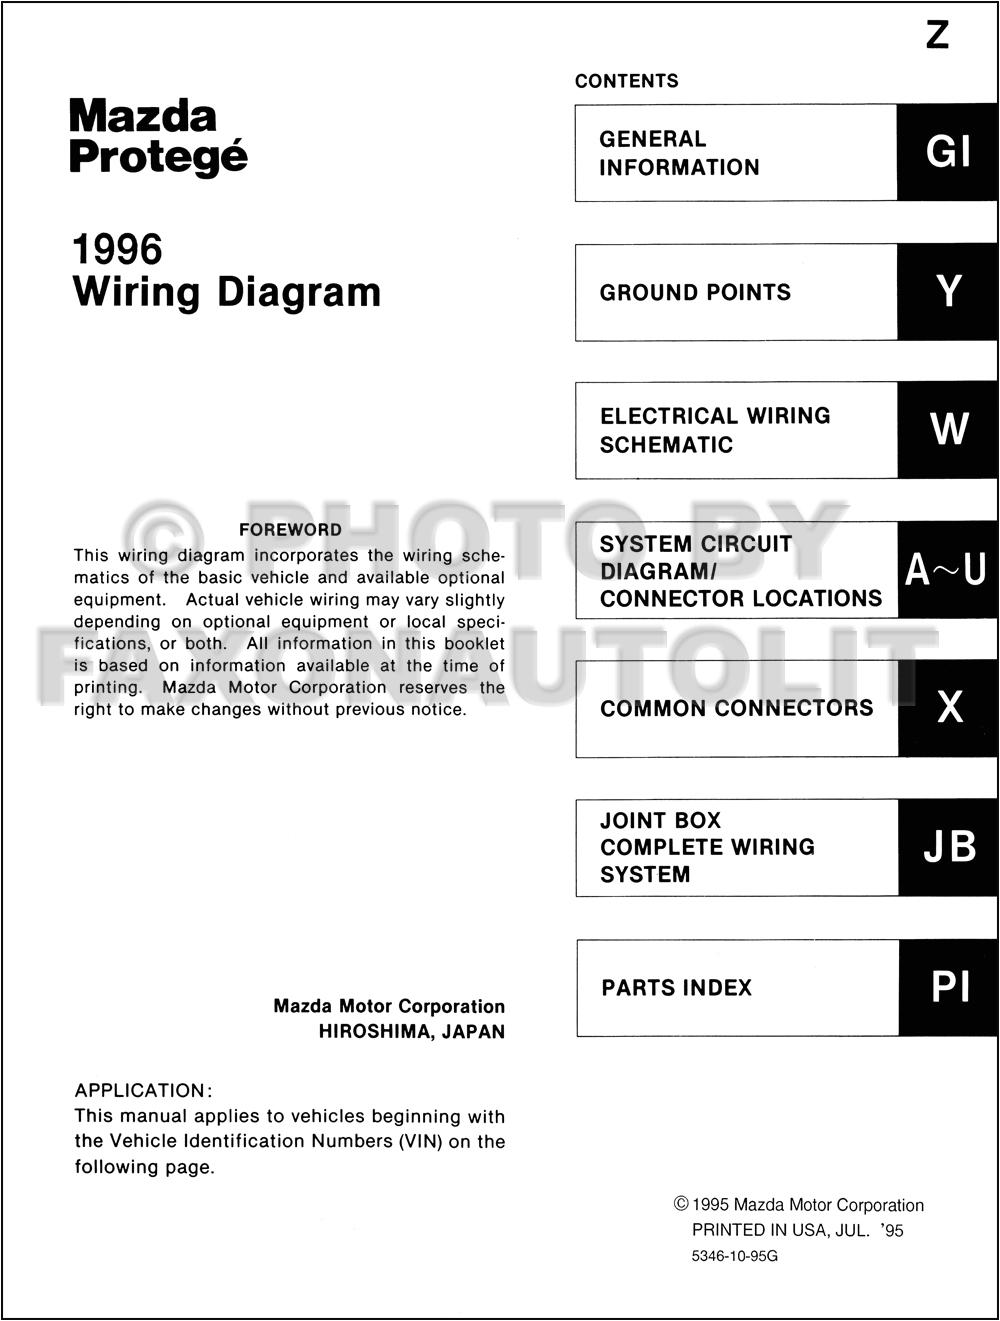 2002 Mazda Protege Radio Wiring Diagram 1996 Mazda Protege Wiring Diagram Wiring Diagram sort